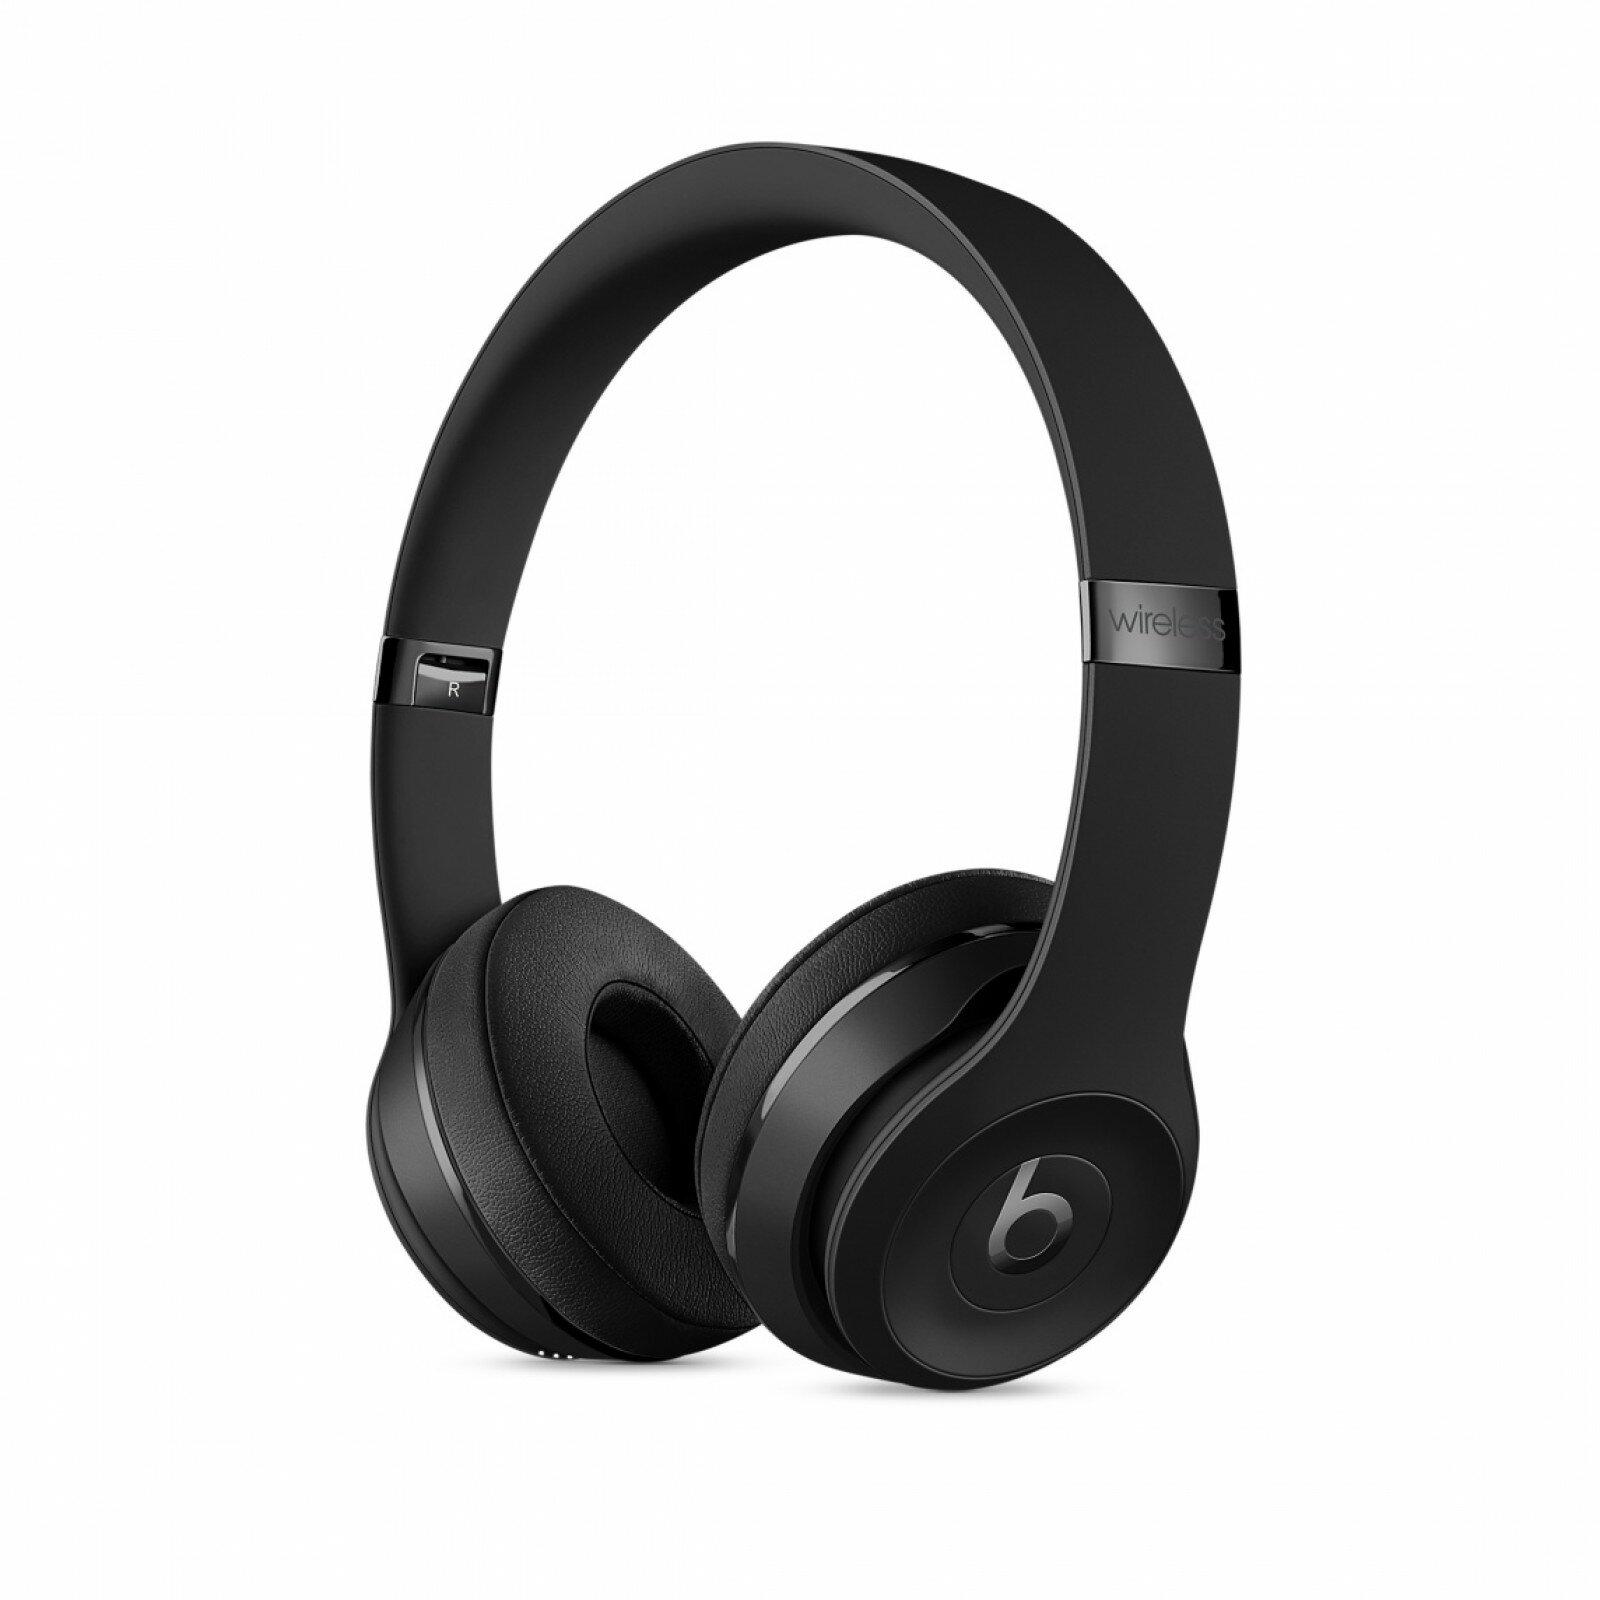 Apple Beats Solo3 Wireless On-ear Headphones - Black 2